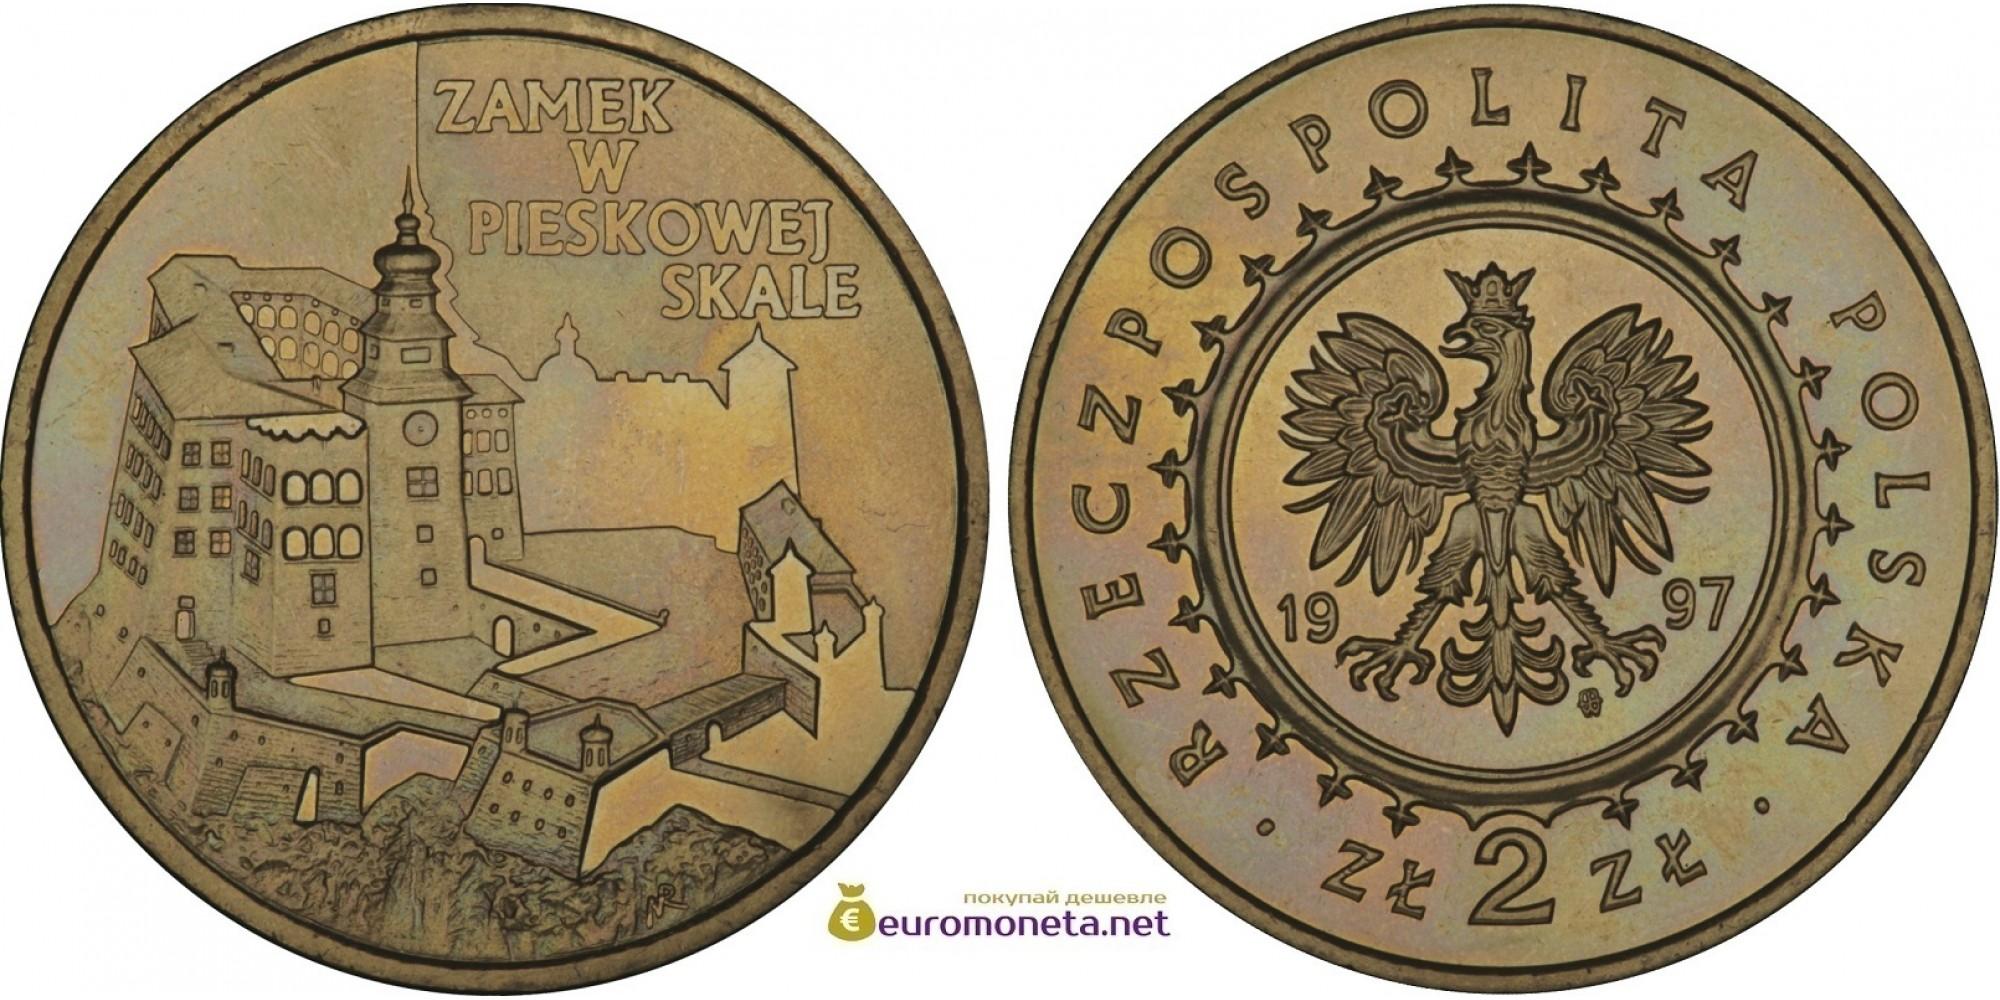 Польша 2 злотых 1997 год замки и дворцы Польши: Замок в Песковой Скале (Zamek w Pieskowej Skale)